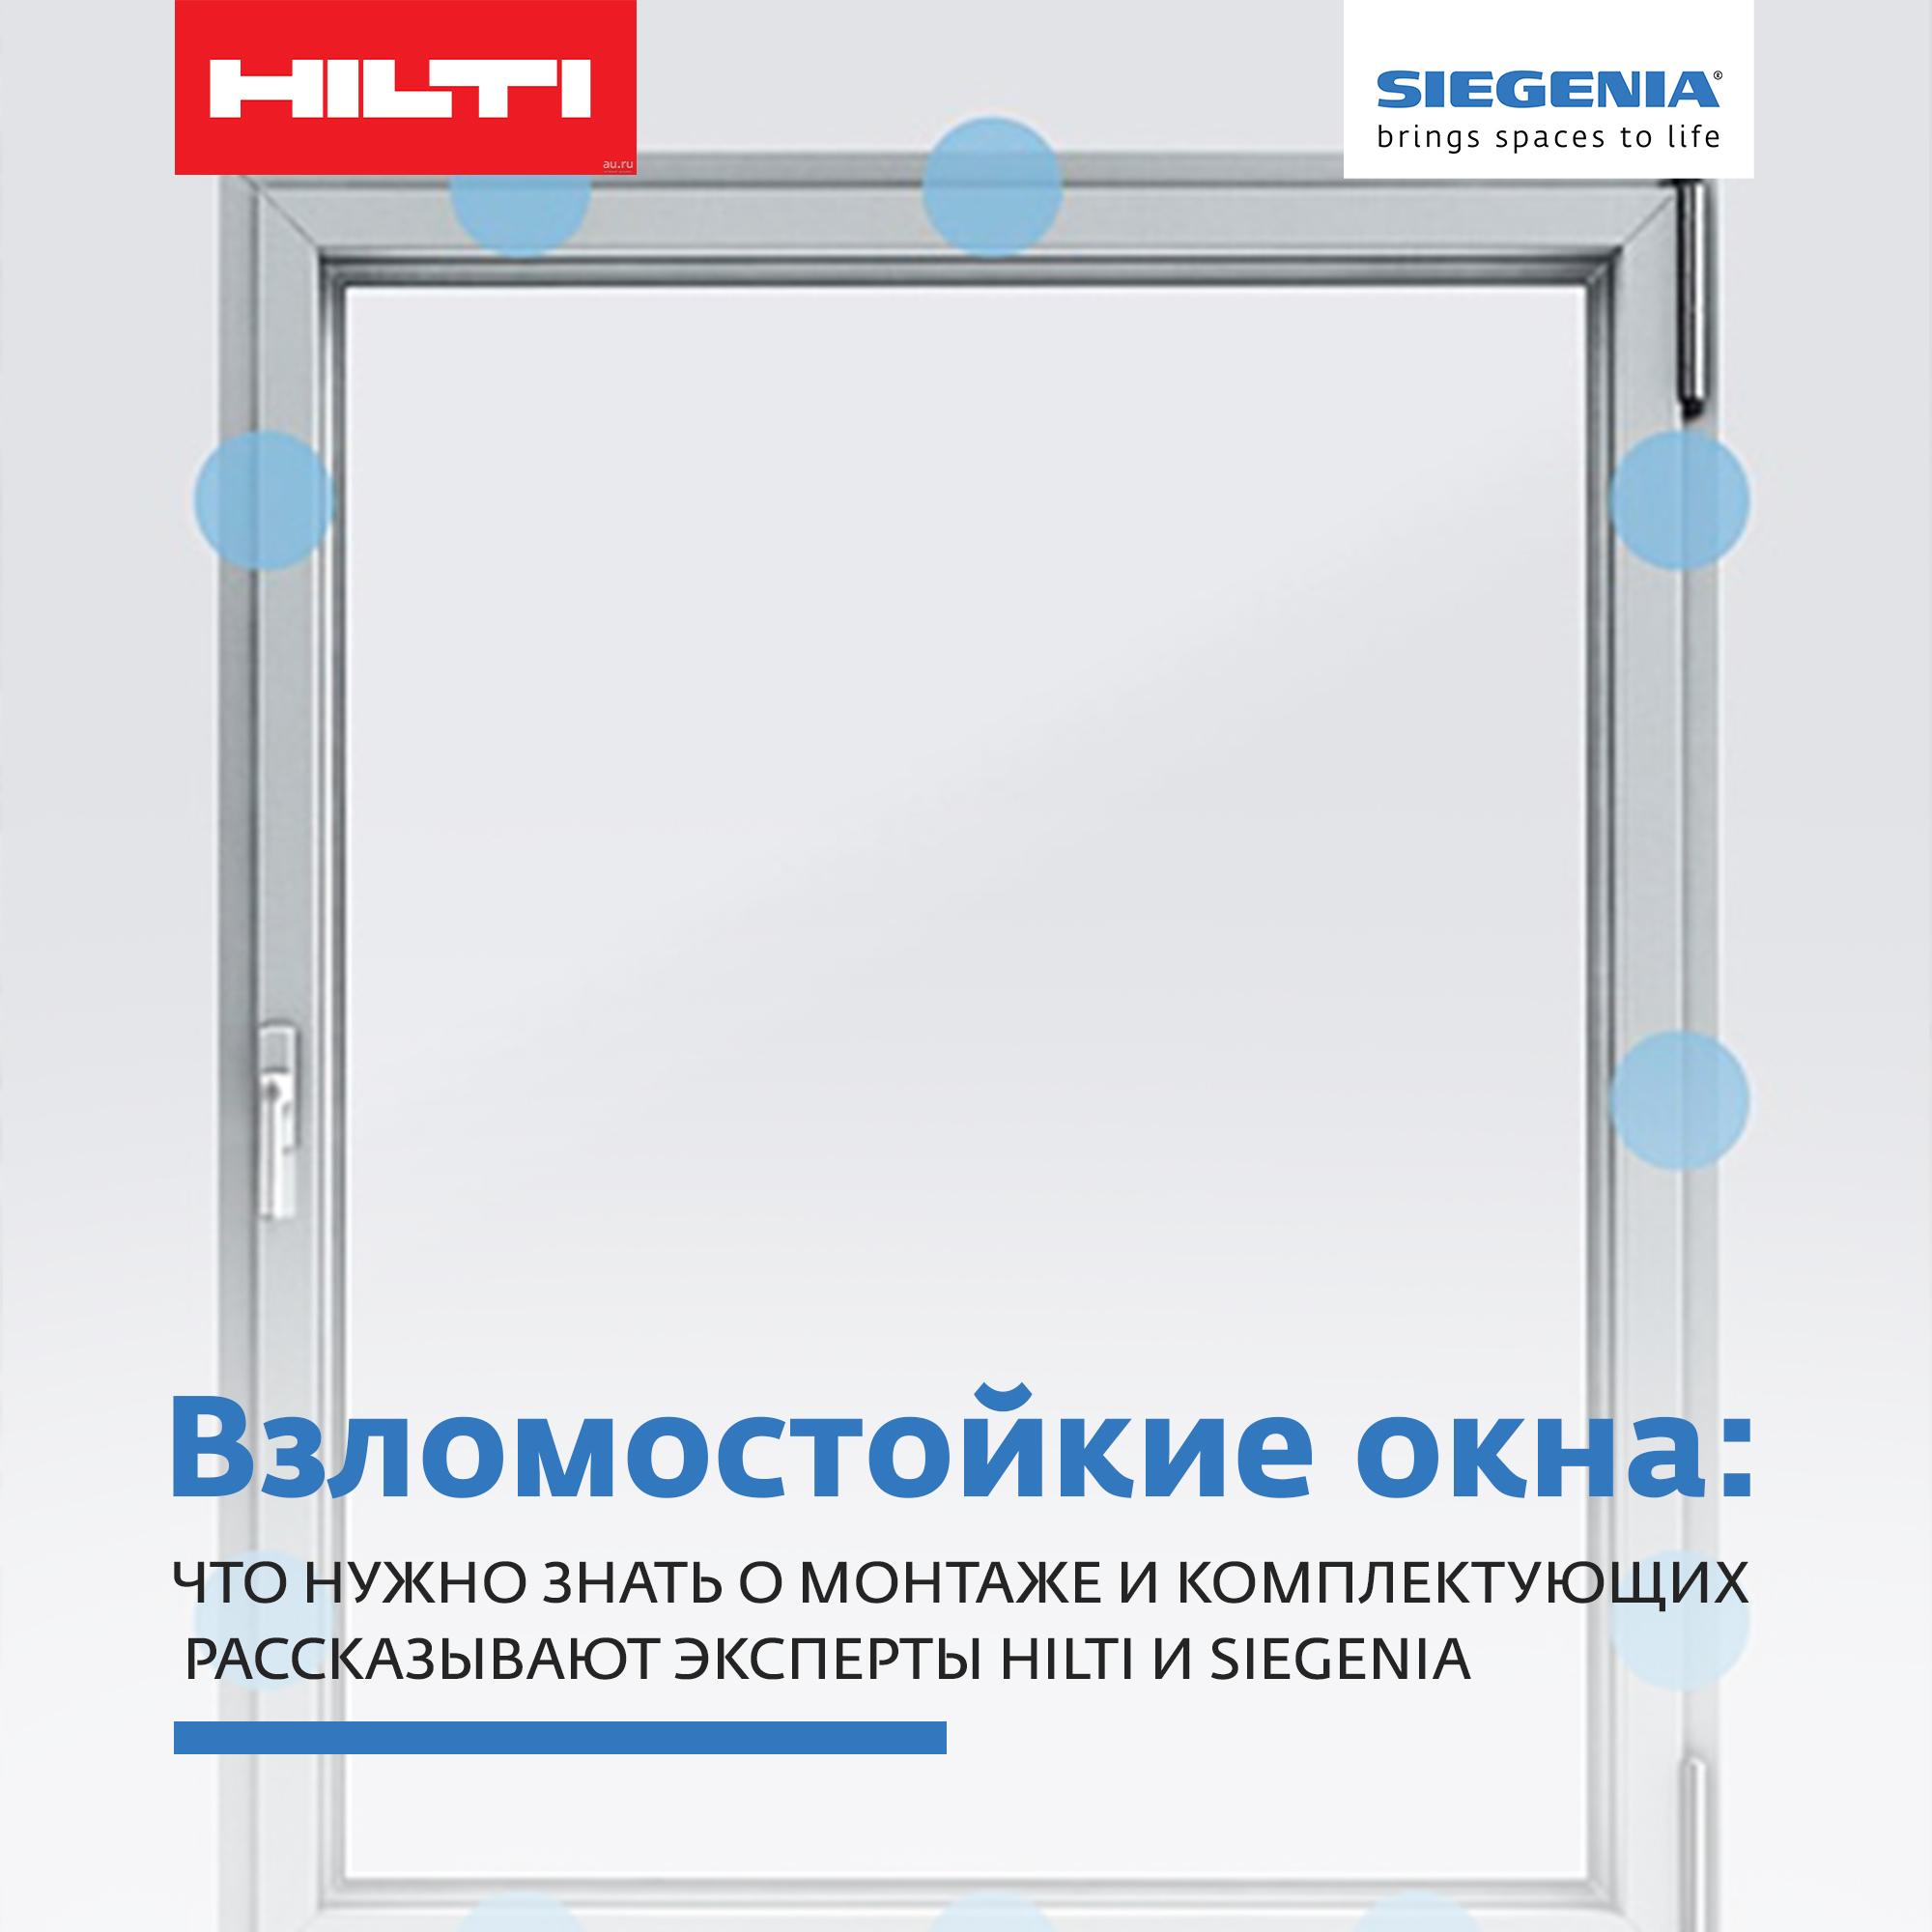 vzlomostojkie-okna-chto-nuzhno-znat-o-montazhe-i-komplektuyushchih-rasskazyvayut-ehksperty-hilti-i-siegenia